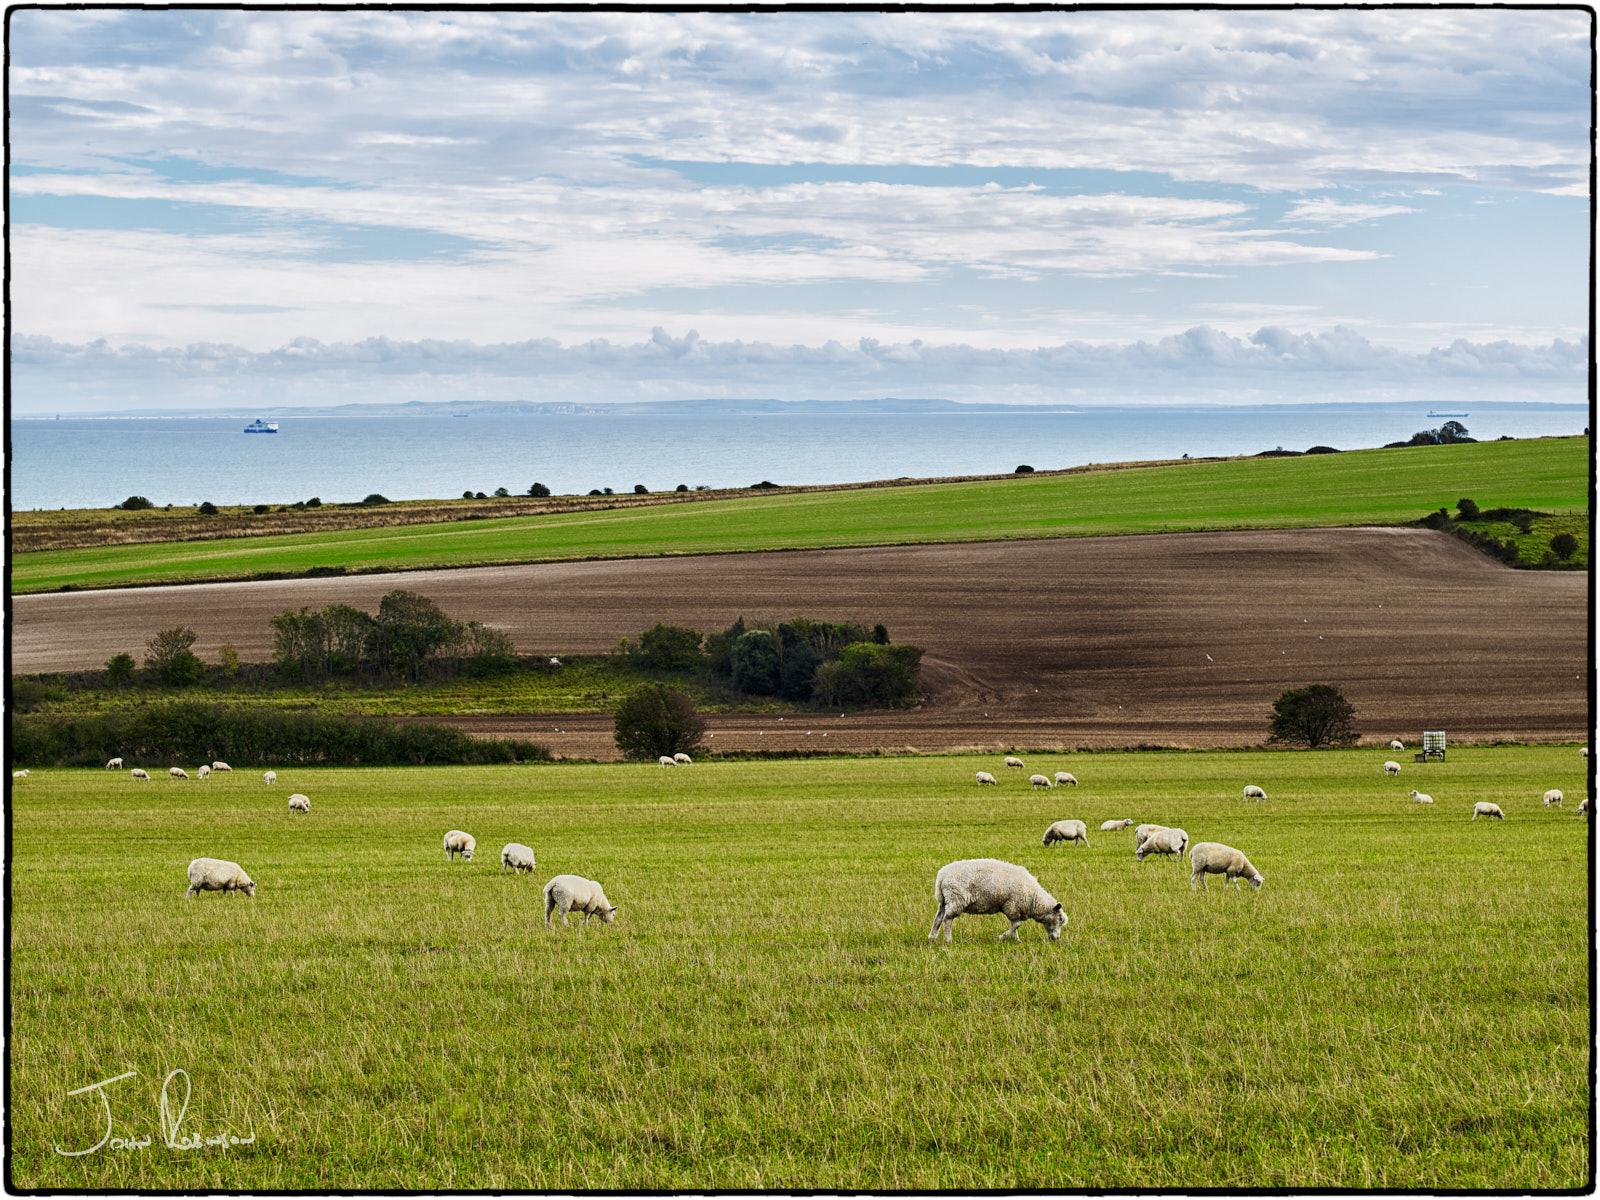 Sheep at Bockhill Farm, North Downs, Kent